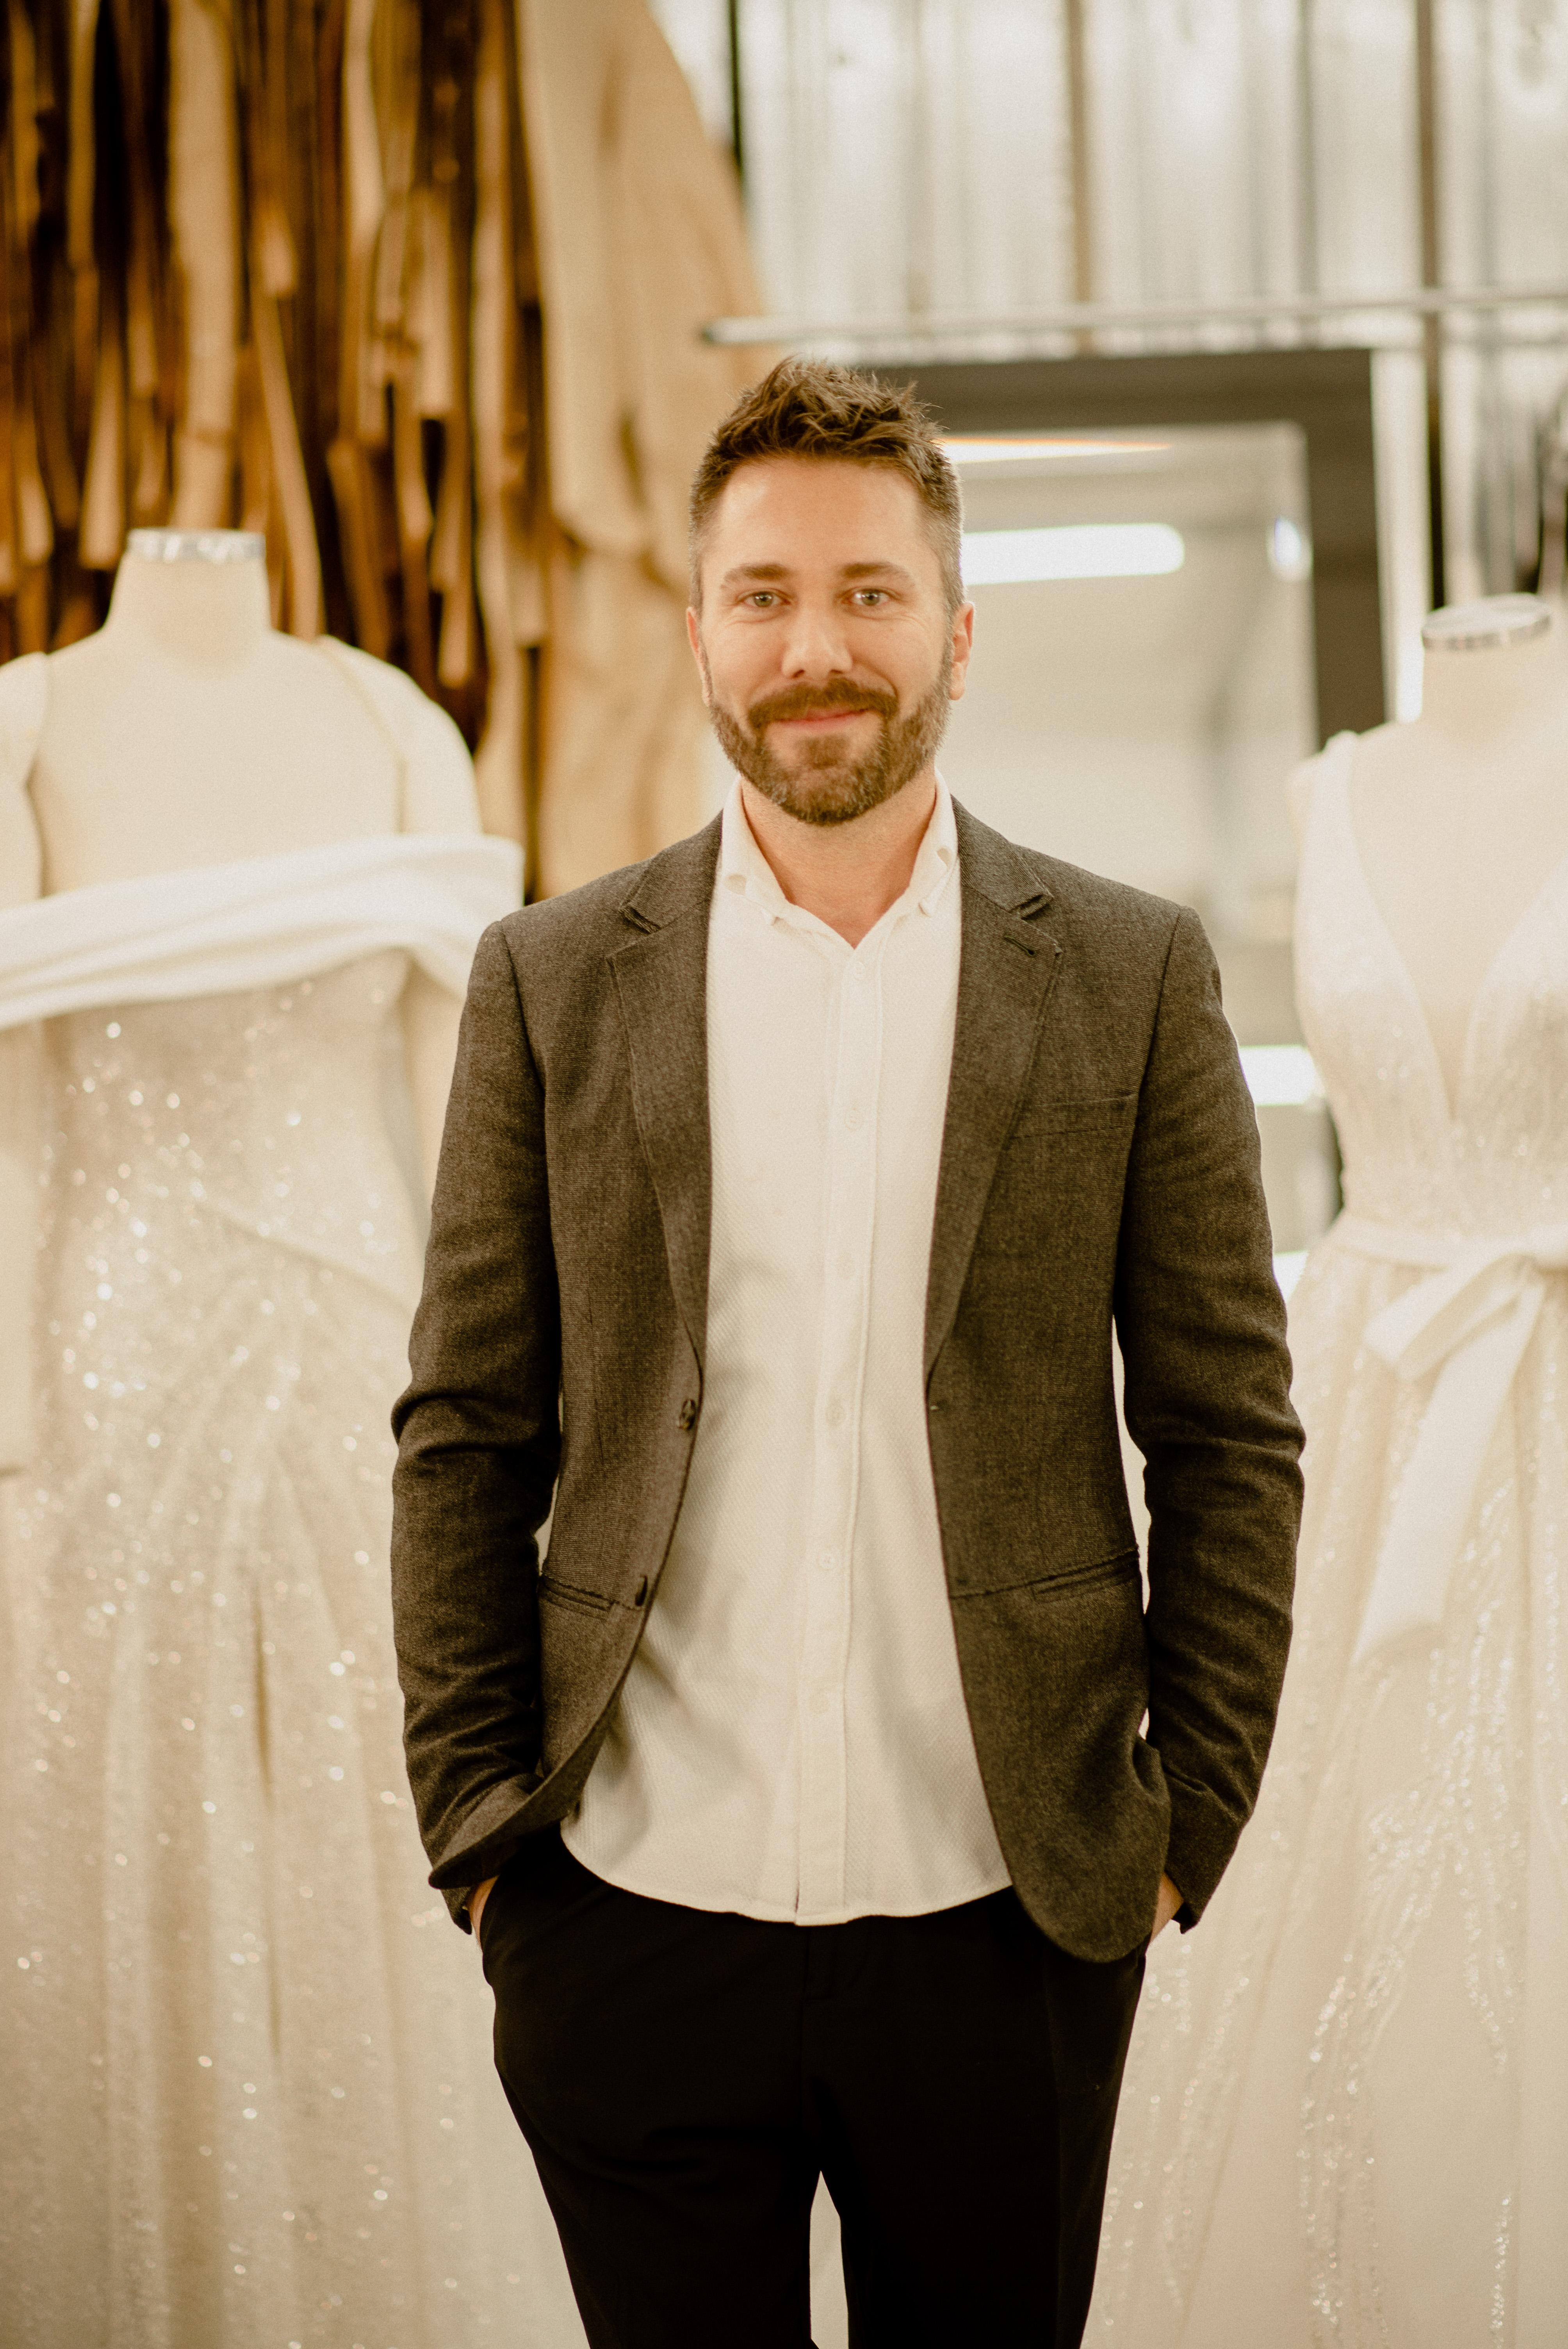 Lucas Anderi posa com as mãos no bolso vestindo paletó escuro e camisa branca. Dois vestidos de noiva aparecem de fundo.